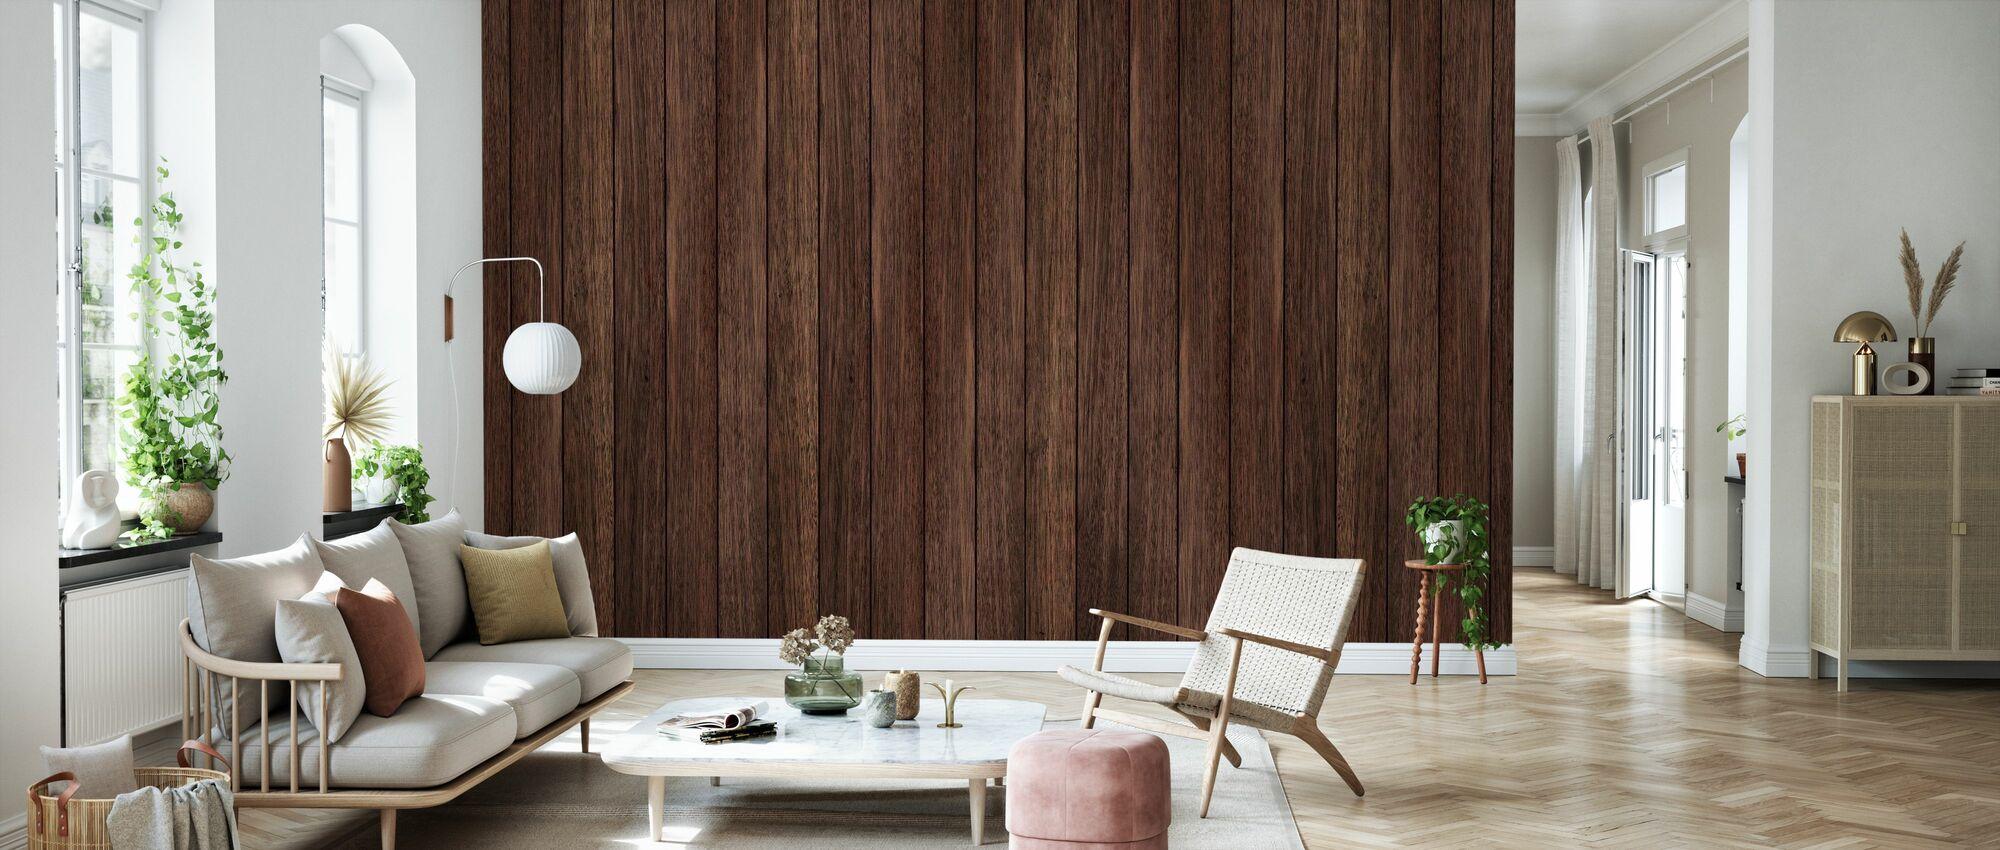 Dark Plank Wall - Wallpaper - Living Room